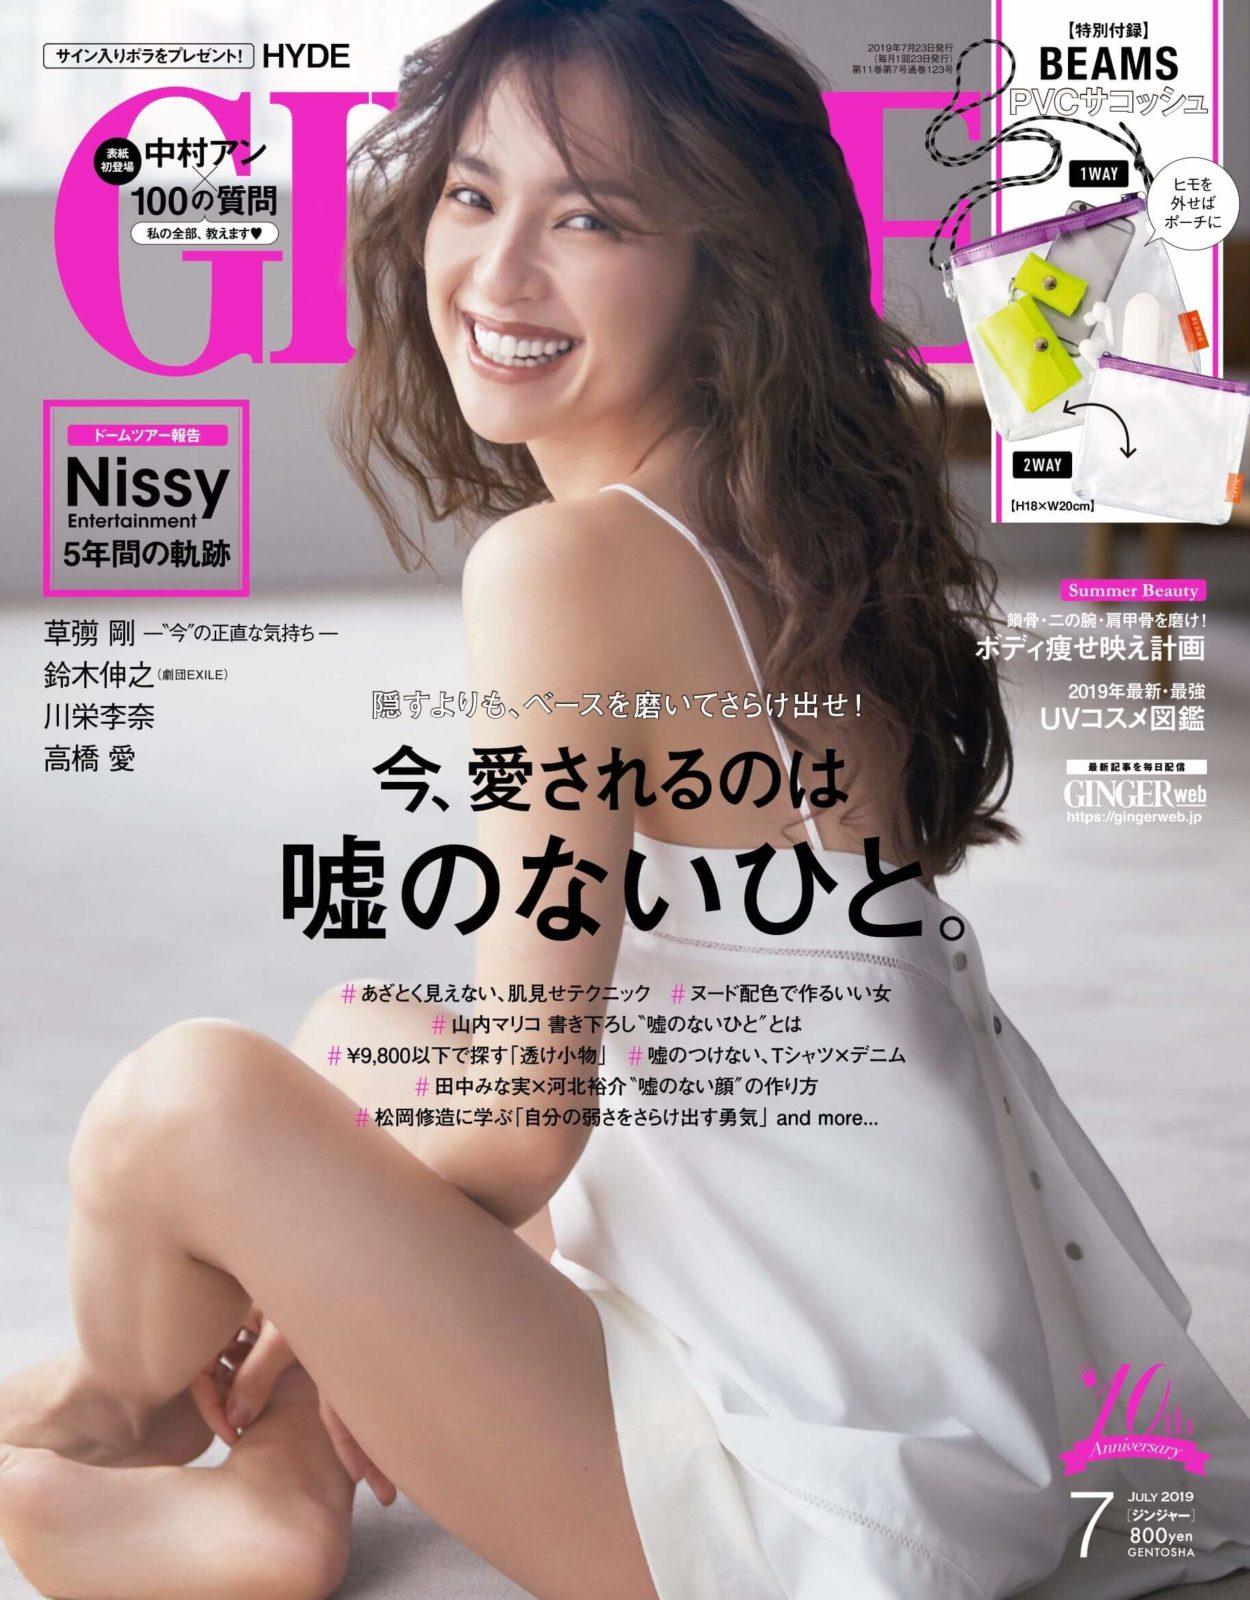 中村アンが美背中を披露!川栄李奈は恋愛中の自分についてインタビューで明かすサムネイル画像